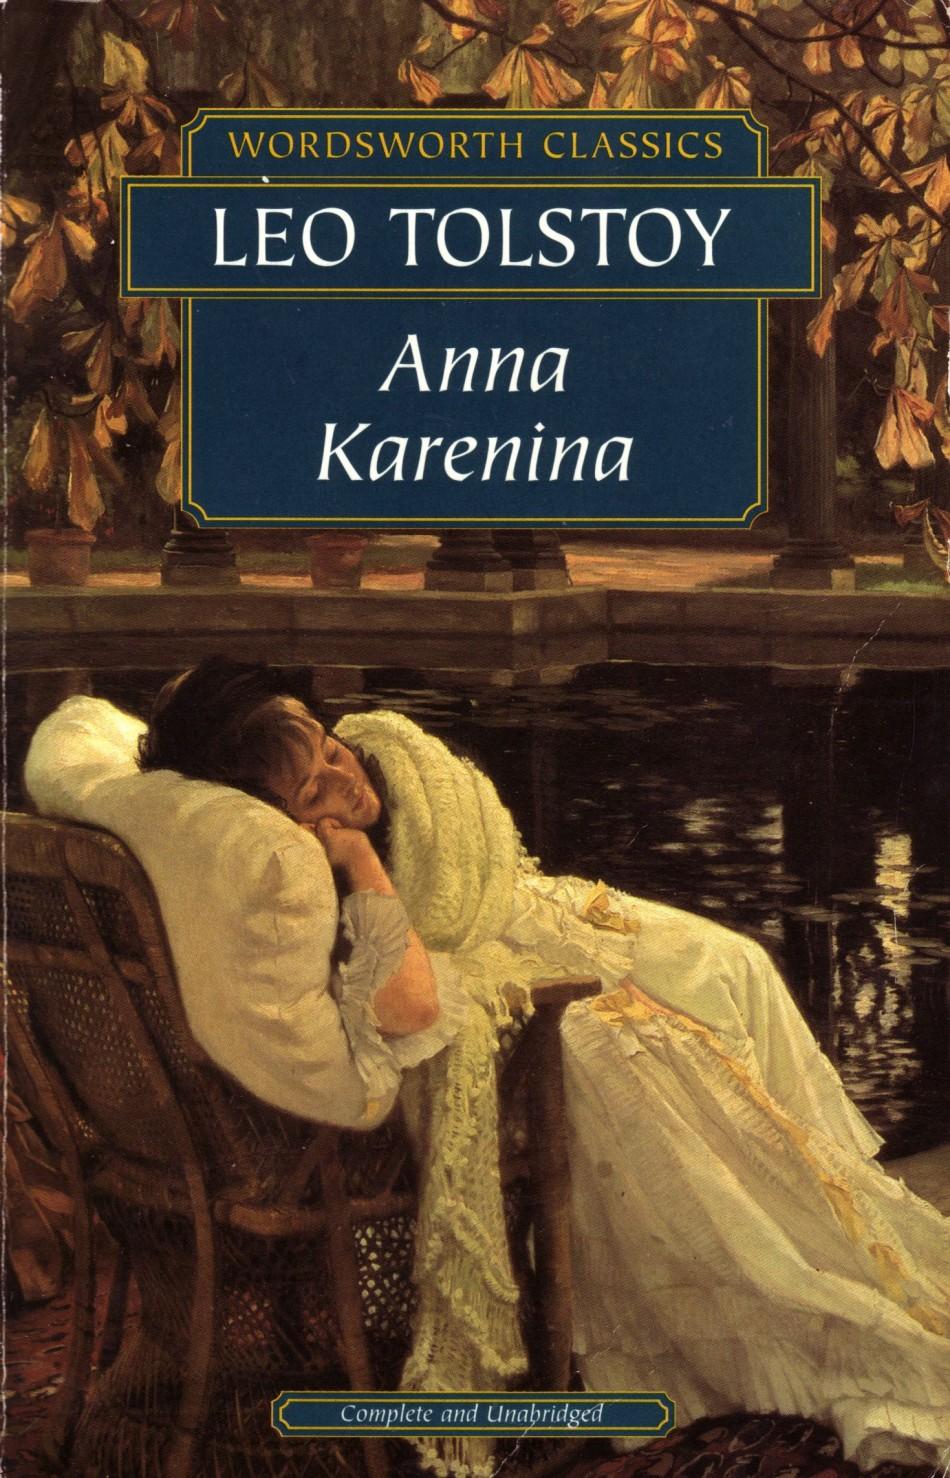 https://www.goodreads.com/book/show/15823480-anna-karenina